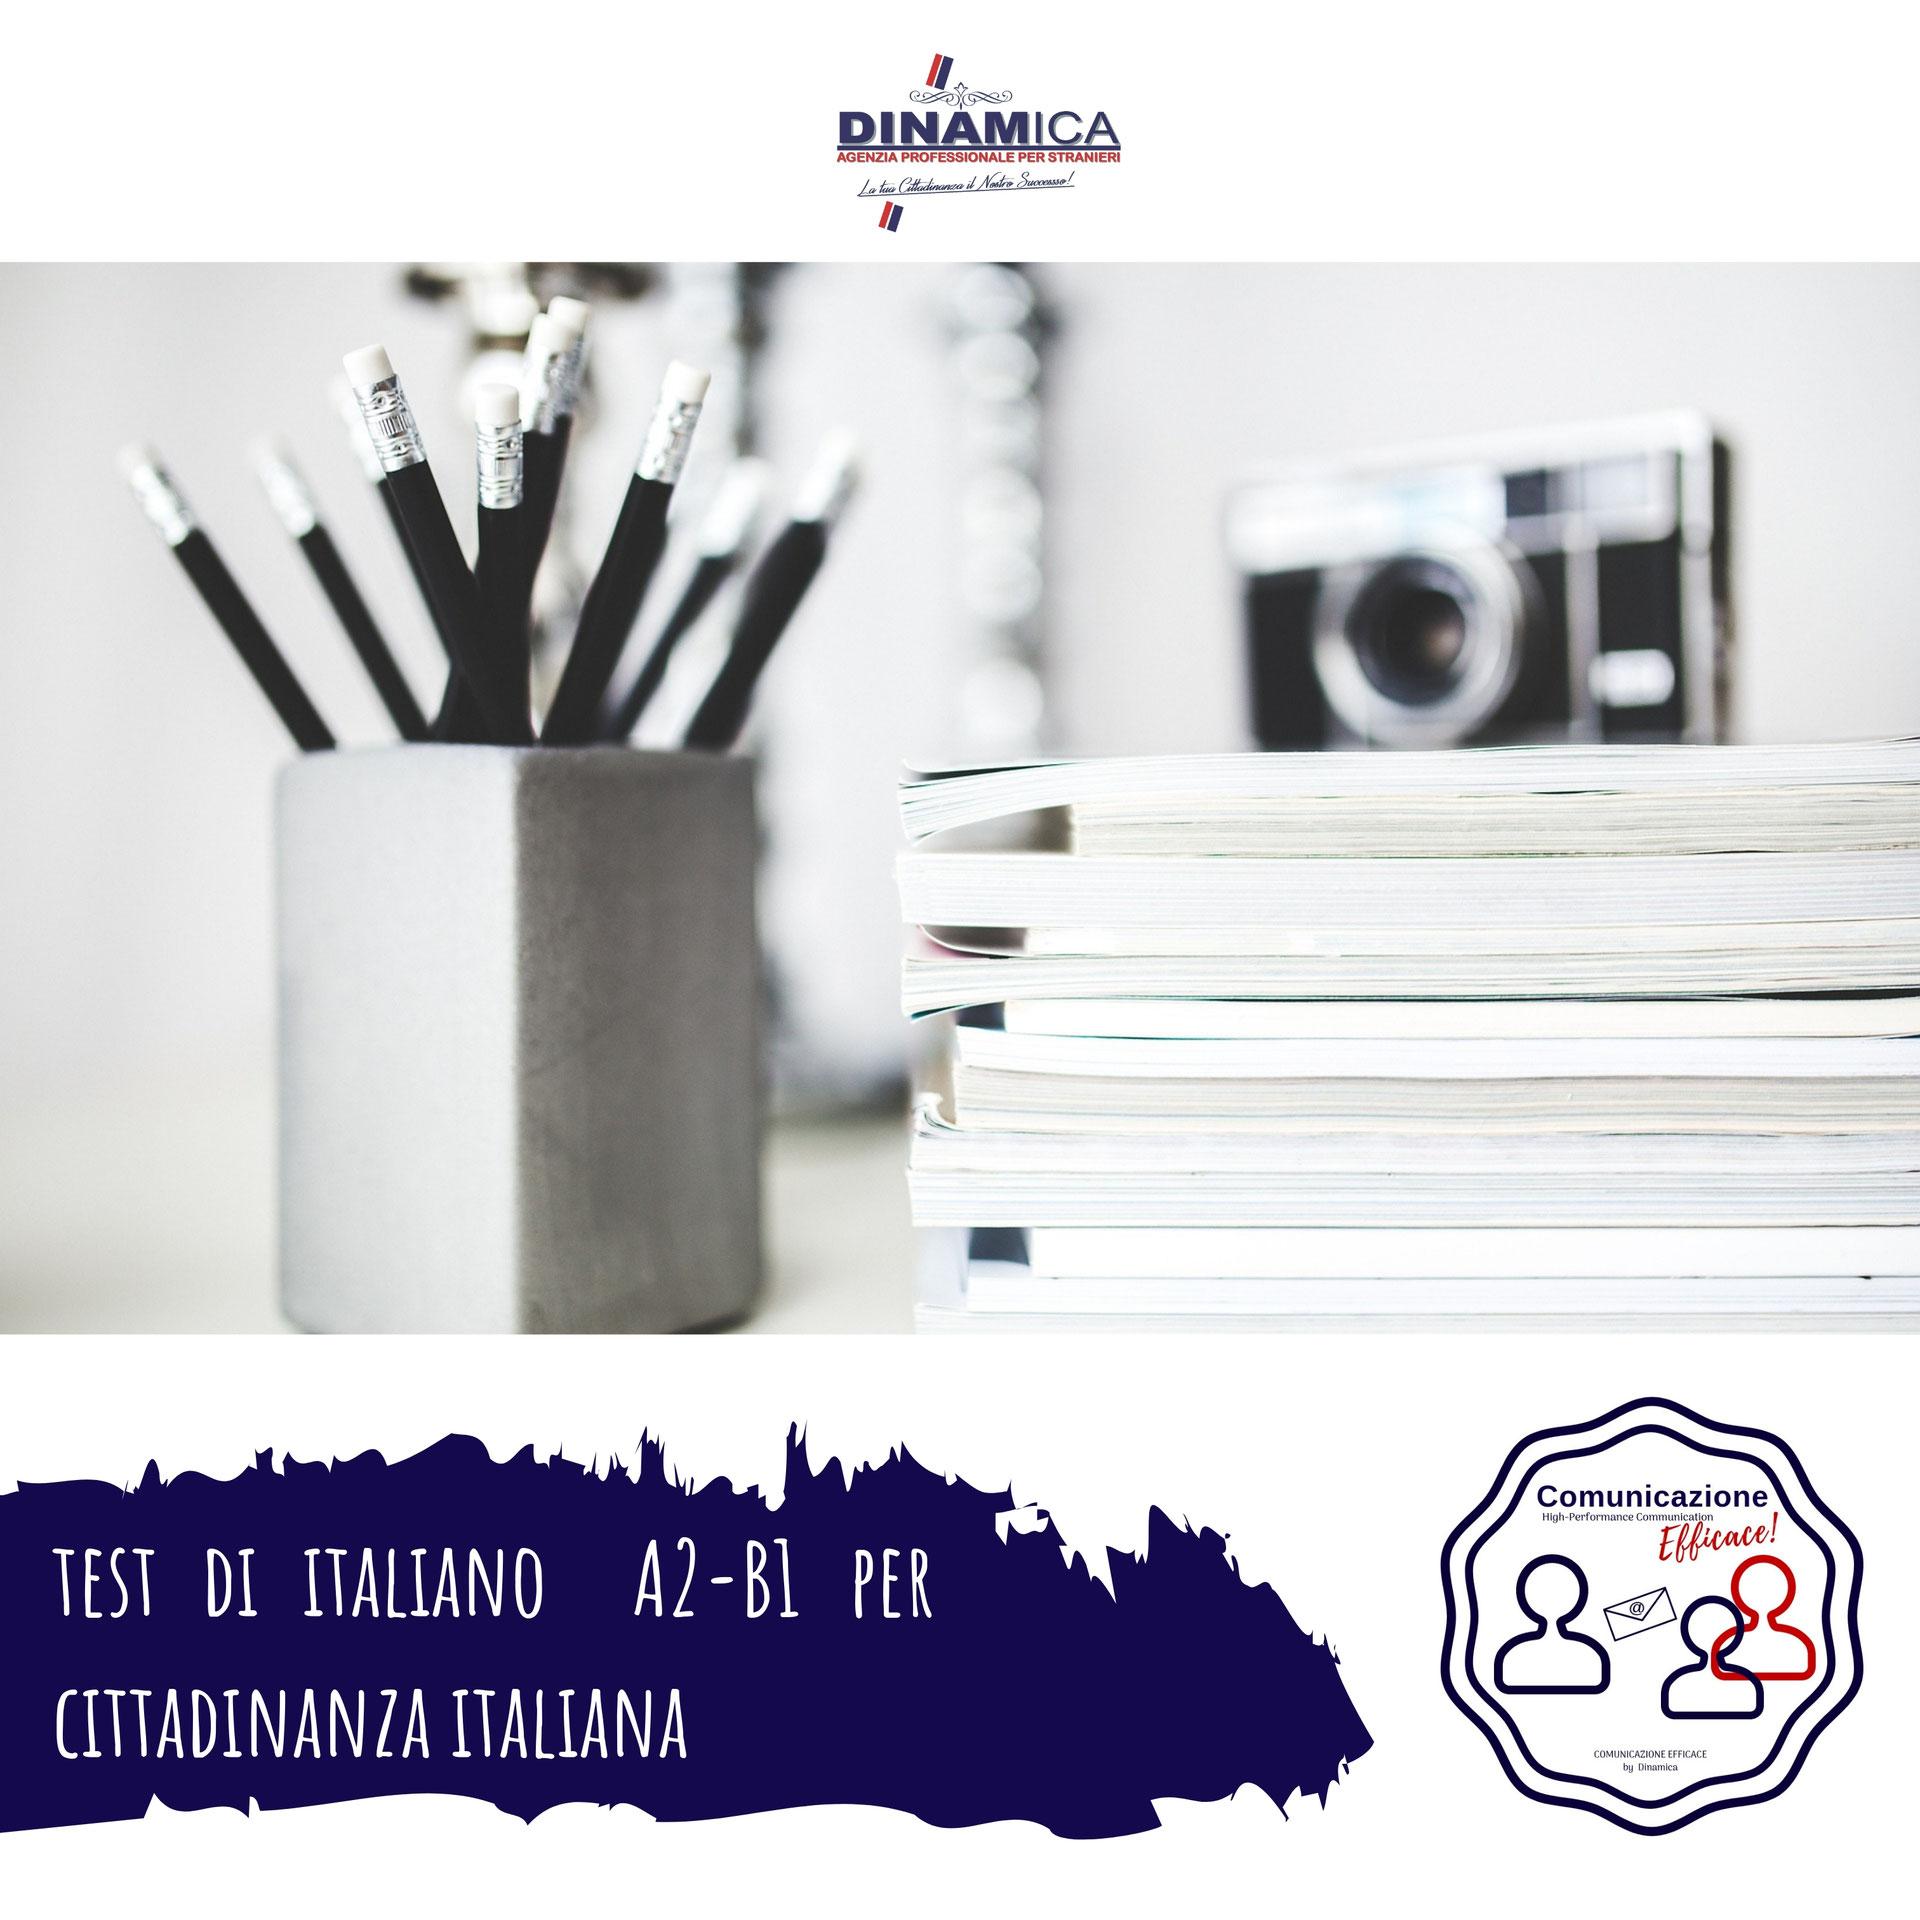 test italiano per Stranieri|Agenzia DINAMICA - Rinnovo ...